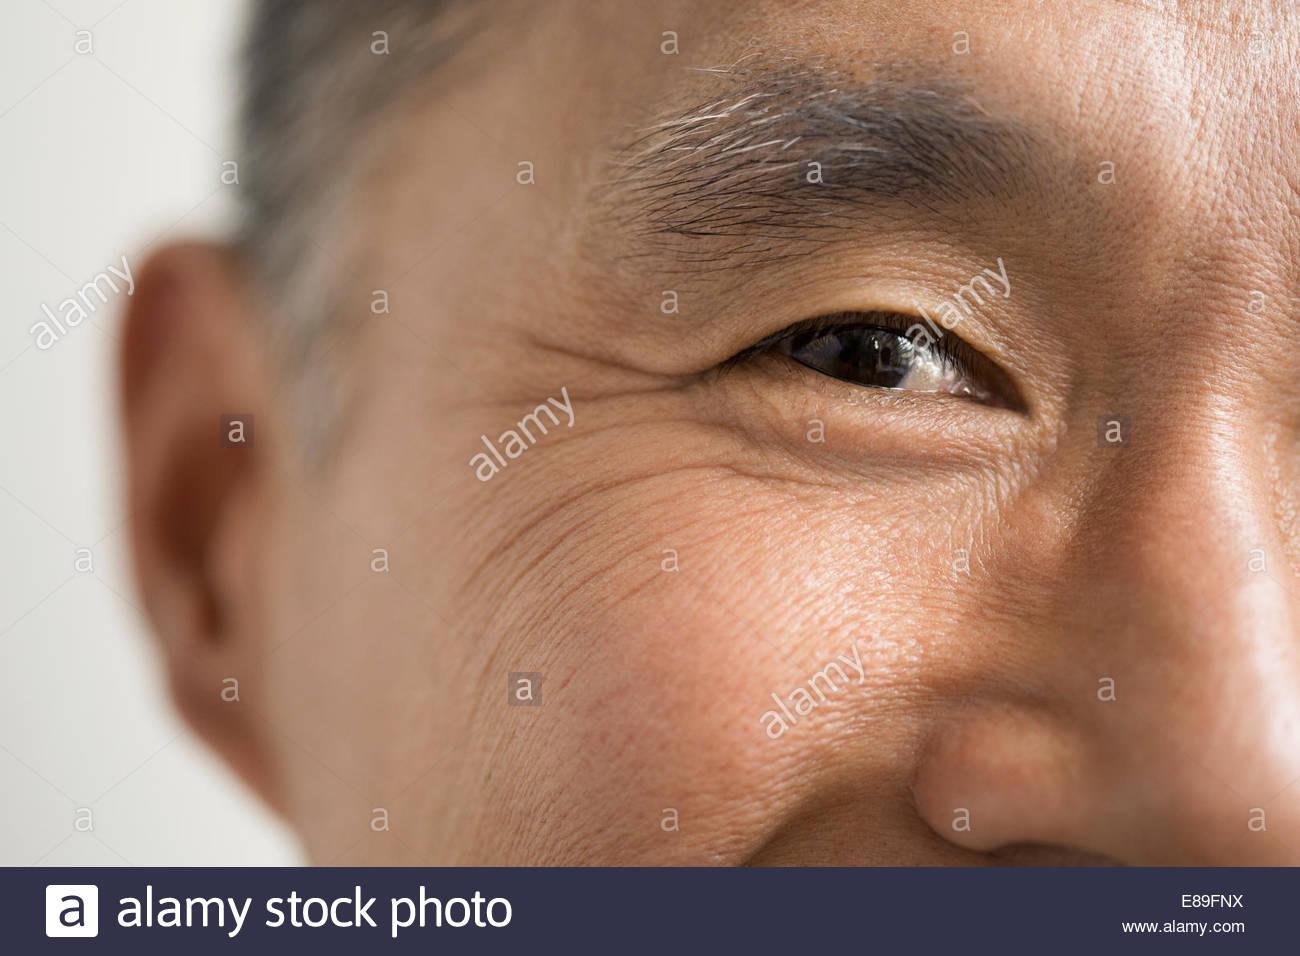 Nahaufnahme von Augen lächelnder Mann Stockbild